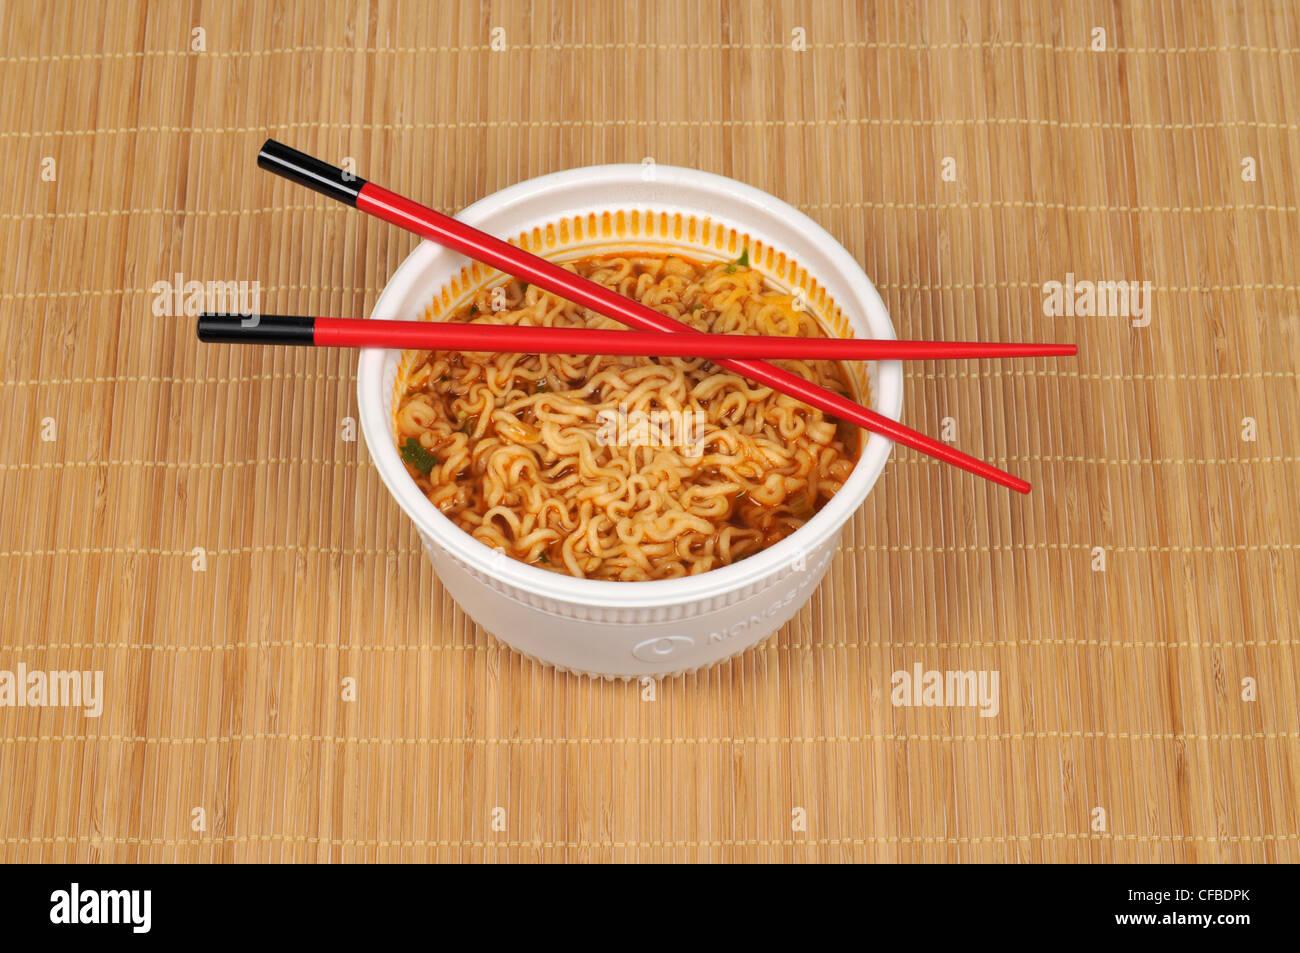 Tazón de fideos orientales con palillos de bambú mat Imagen De Stock